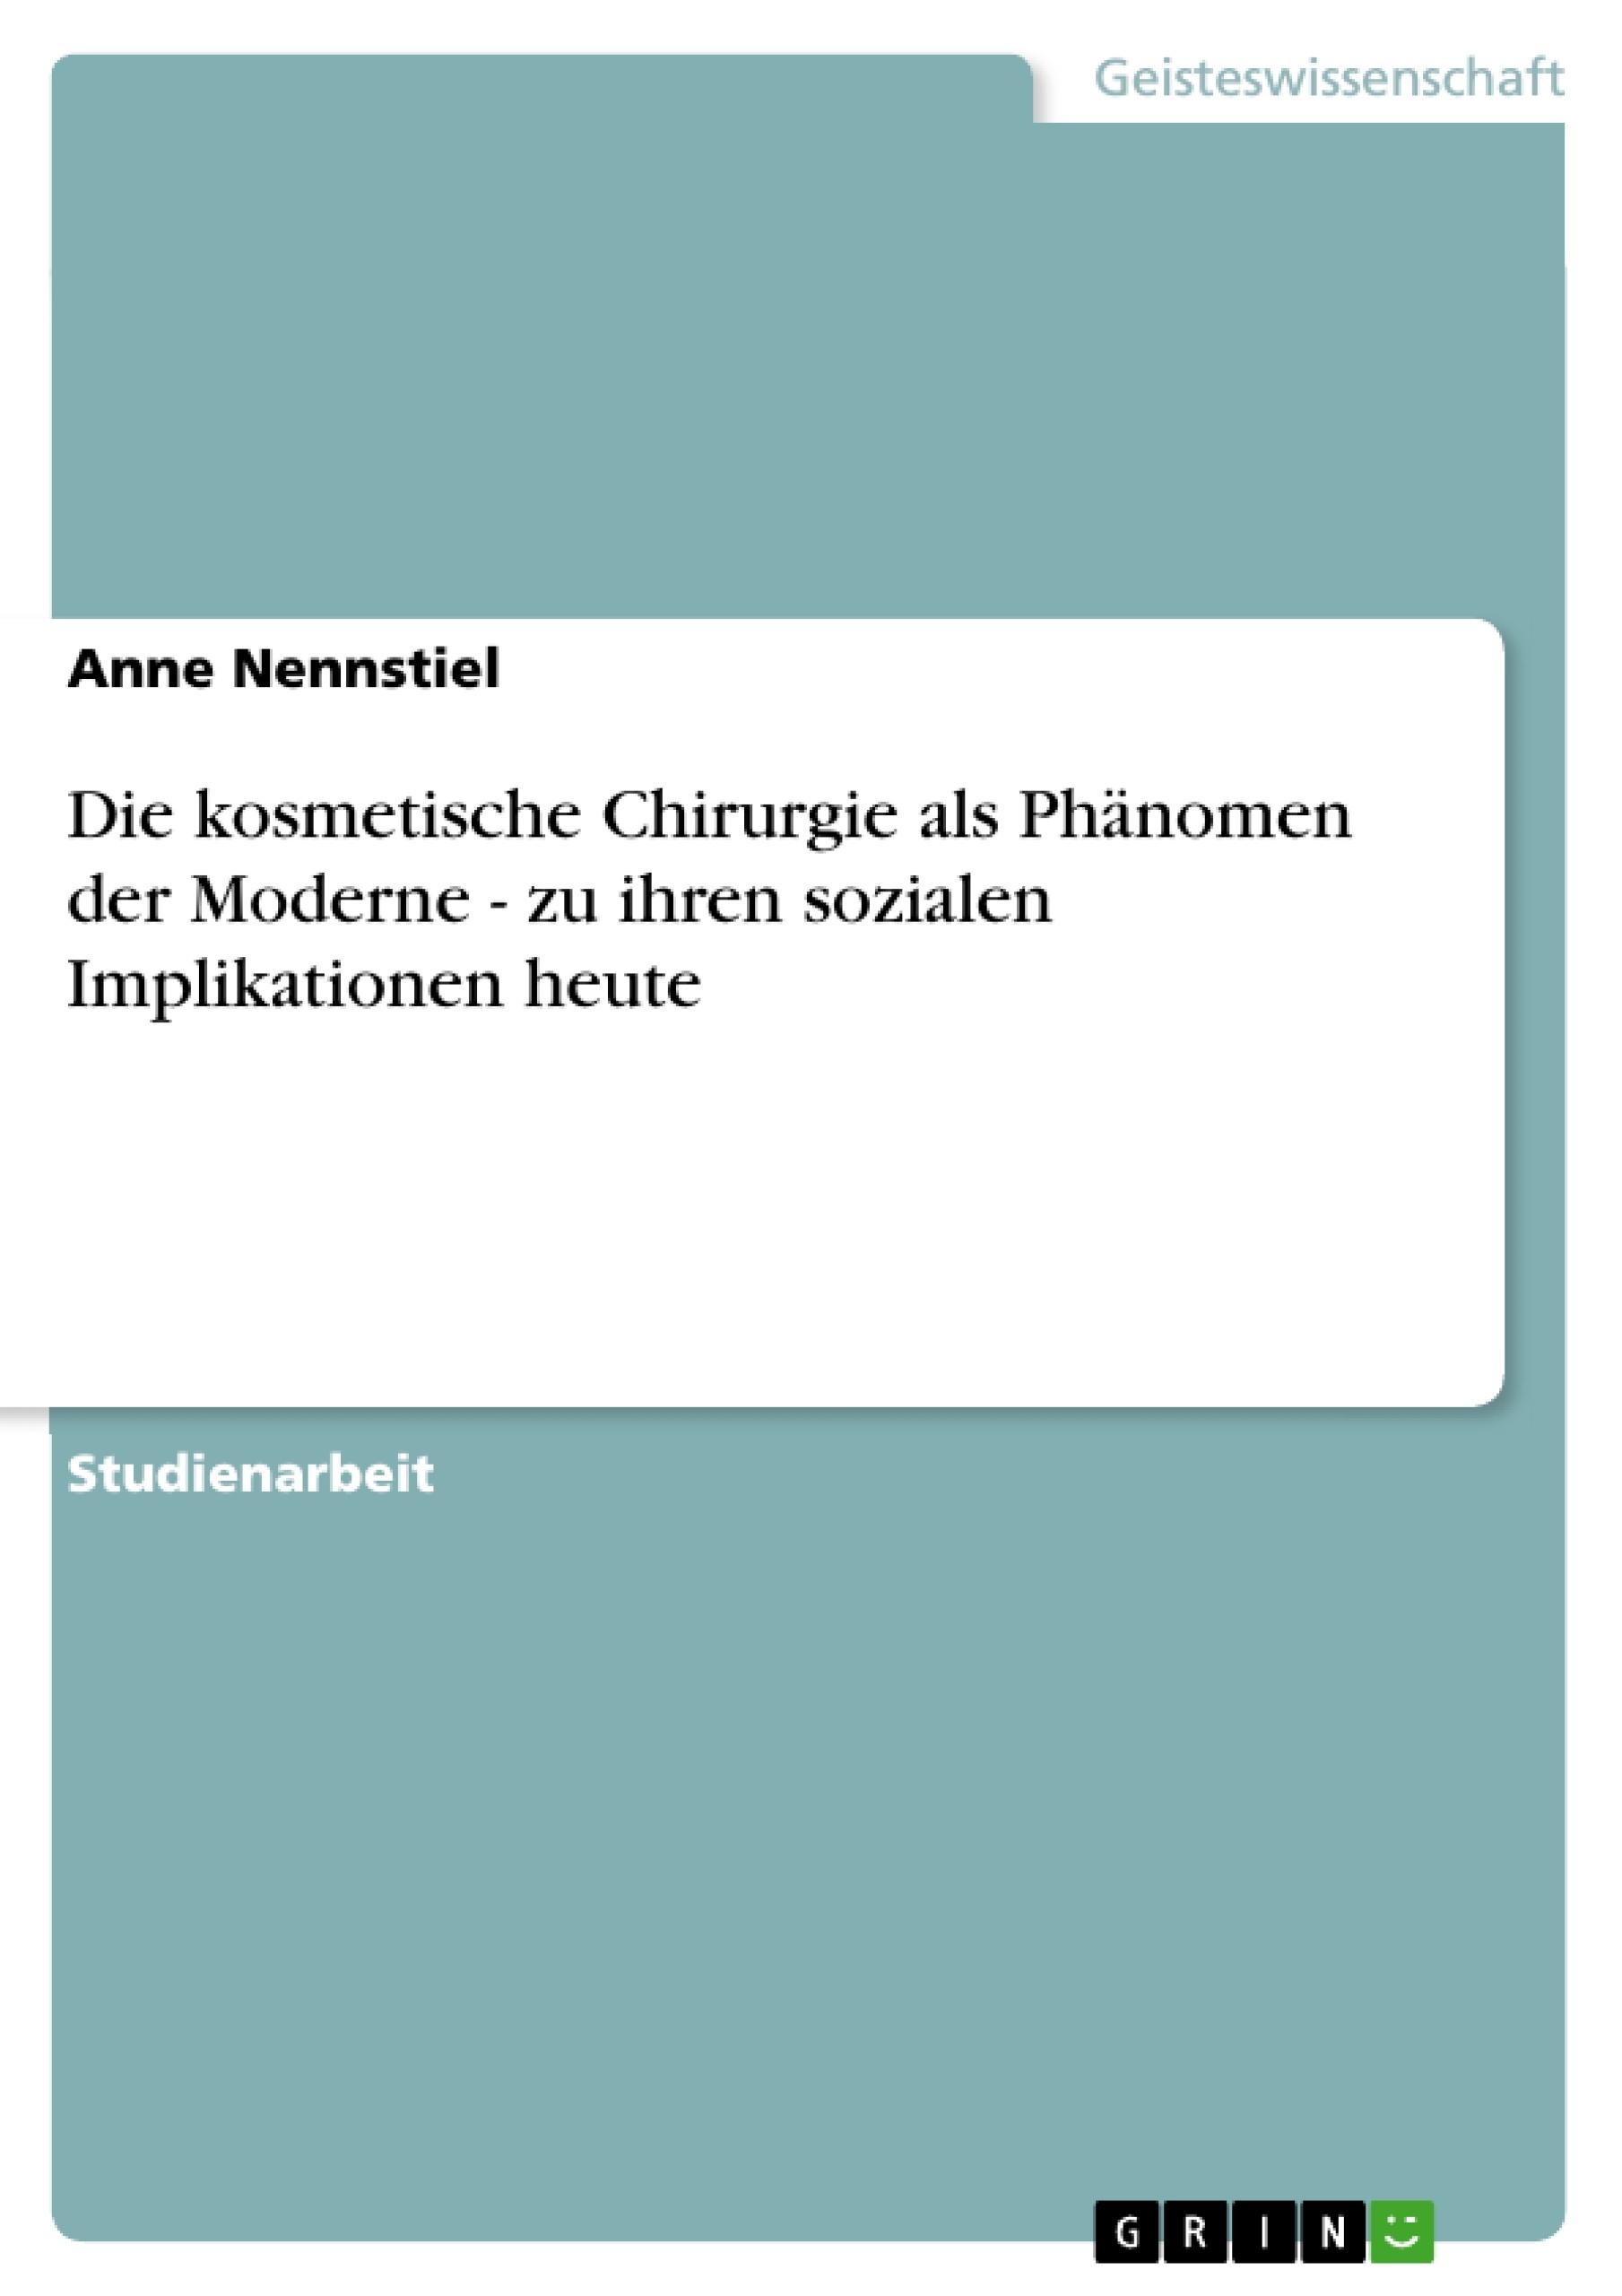 Titel: Die kosmetische Chirurgie als Phänomen der Moderne - zu ihren sozialen Implikationen heute